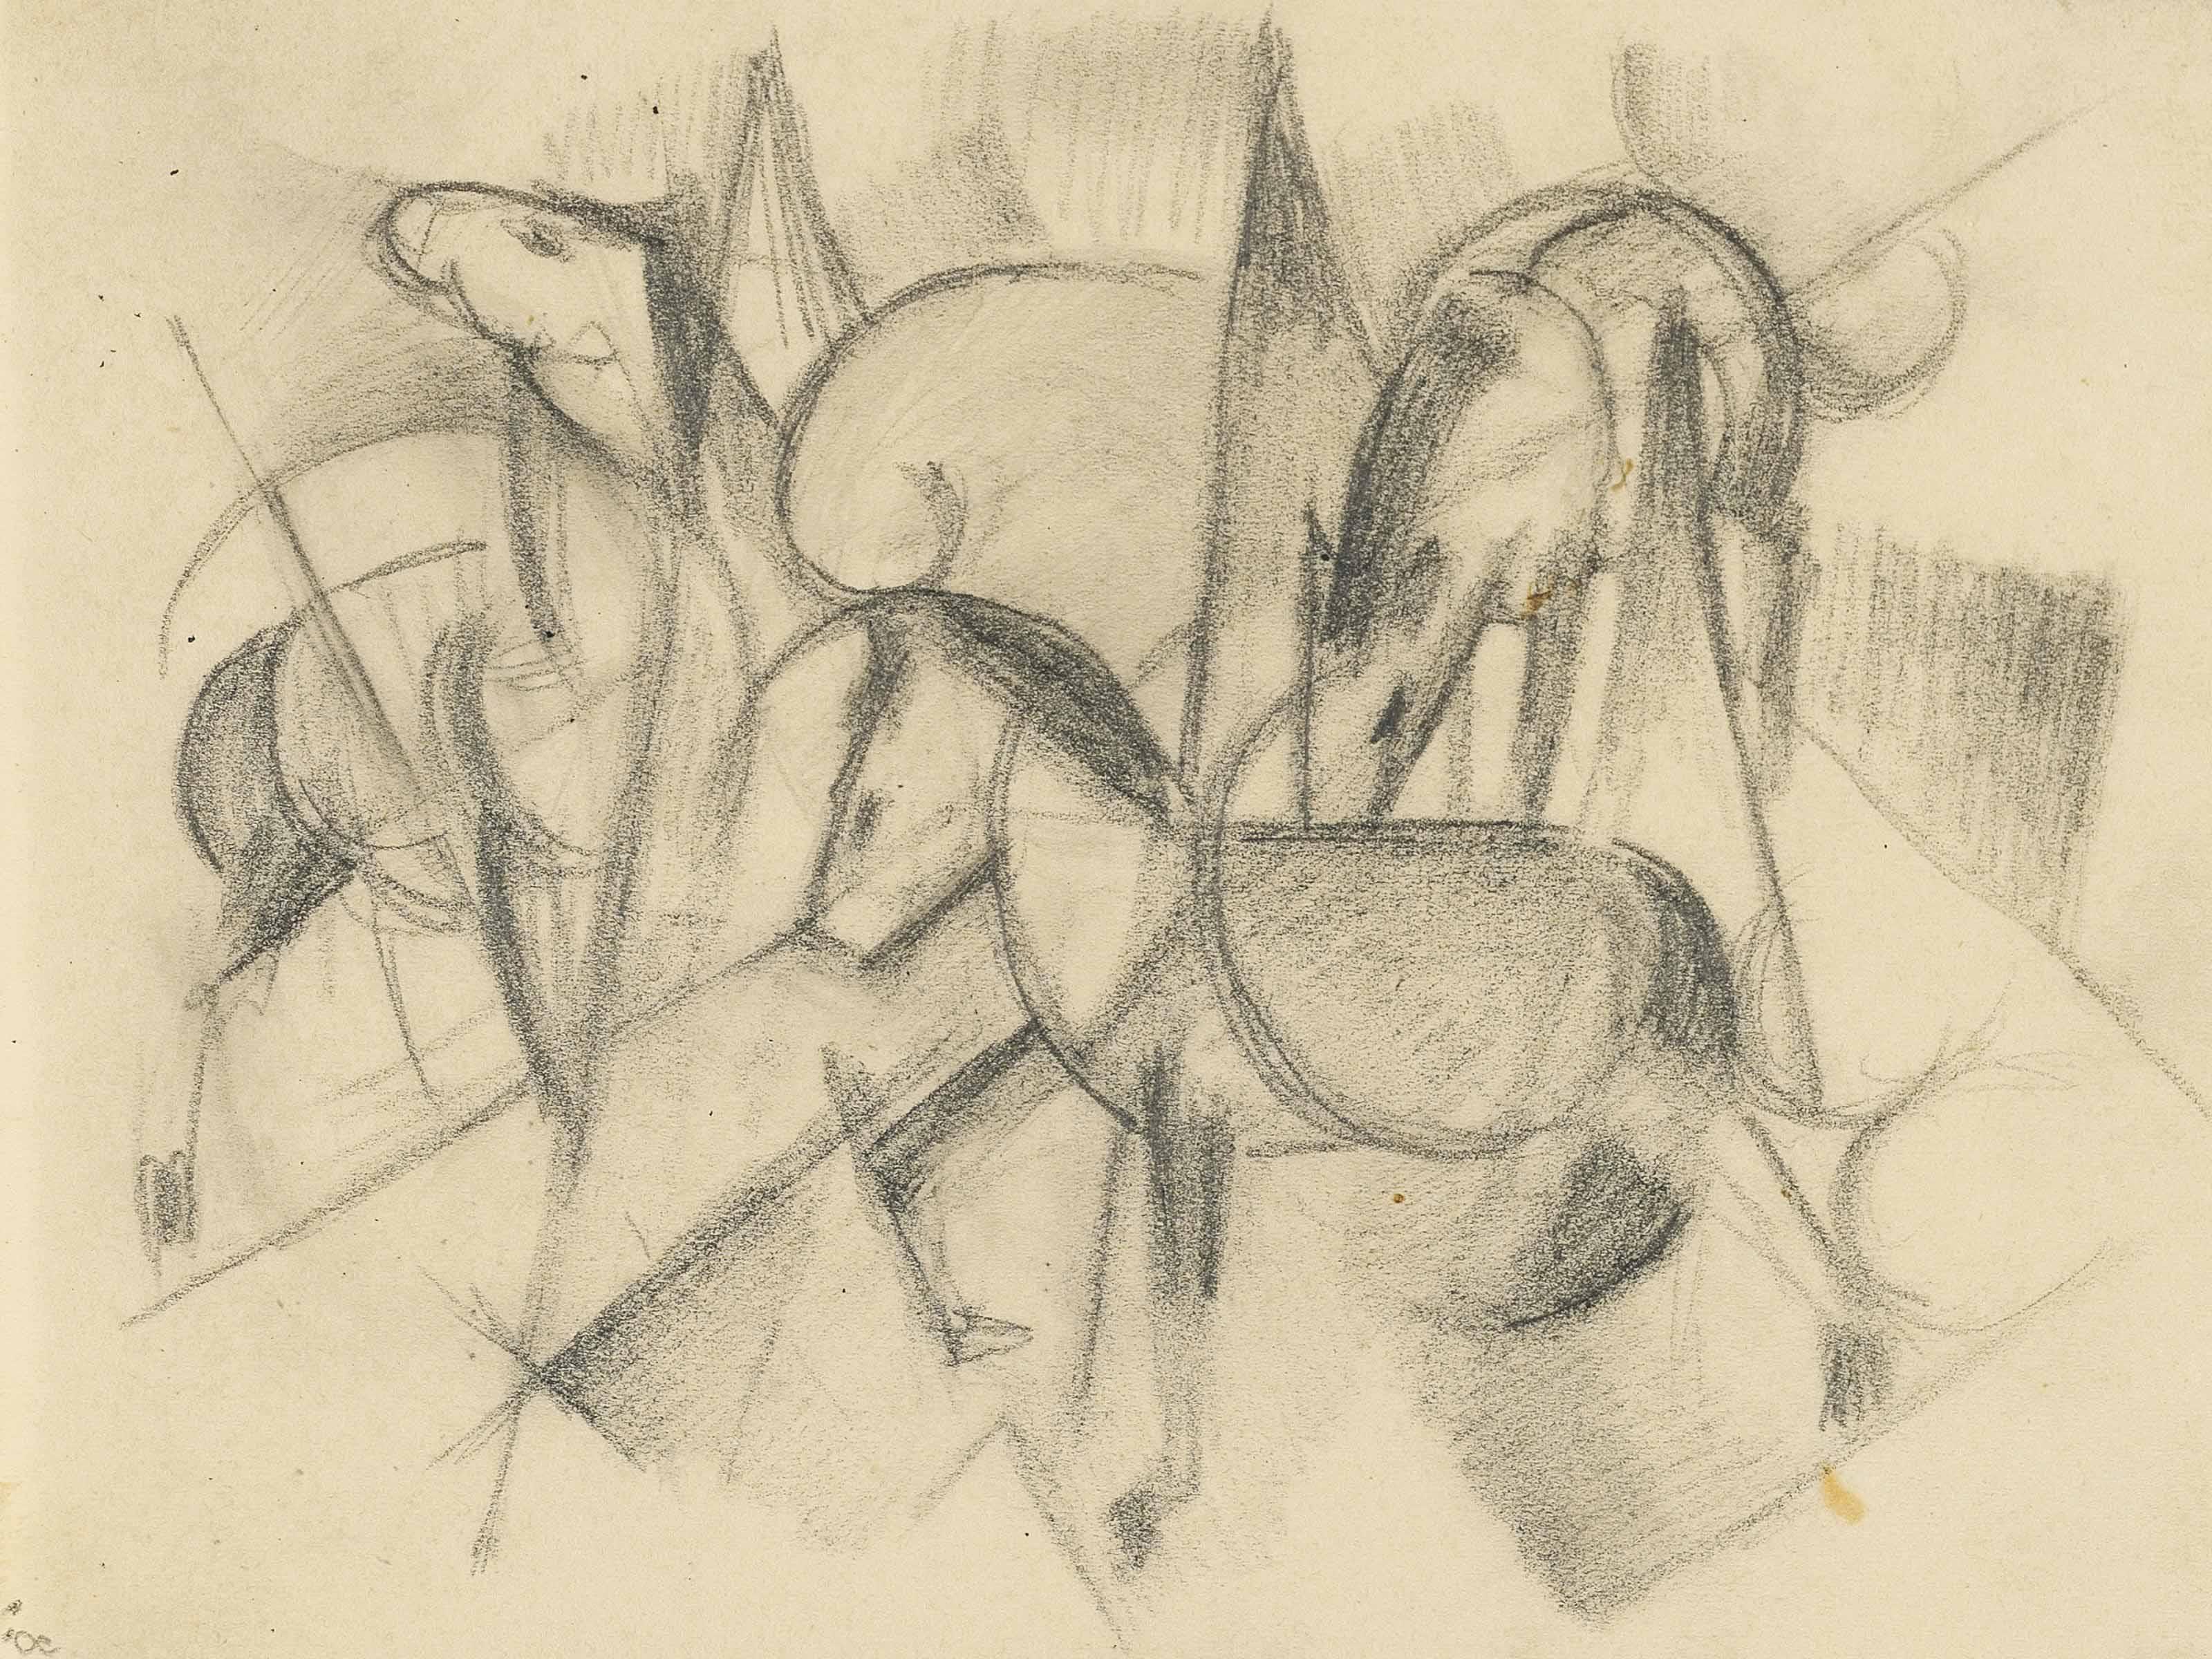 Drei Pferde mit abstrakten Formen